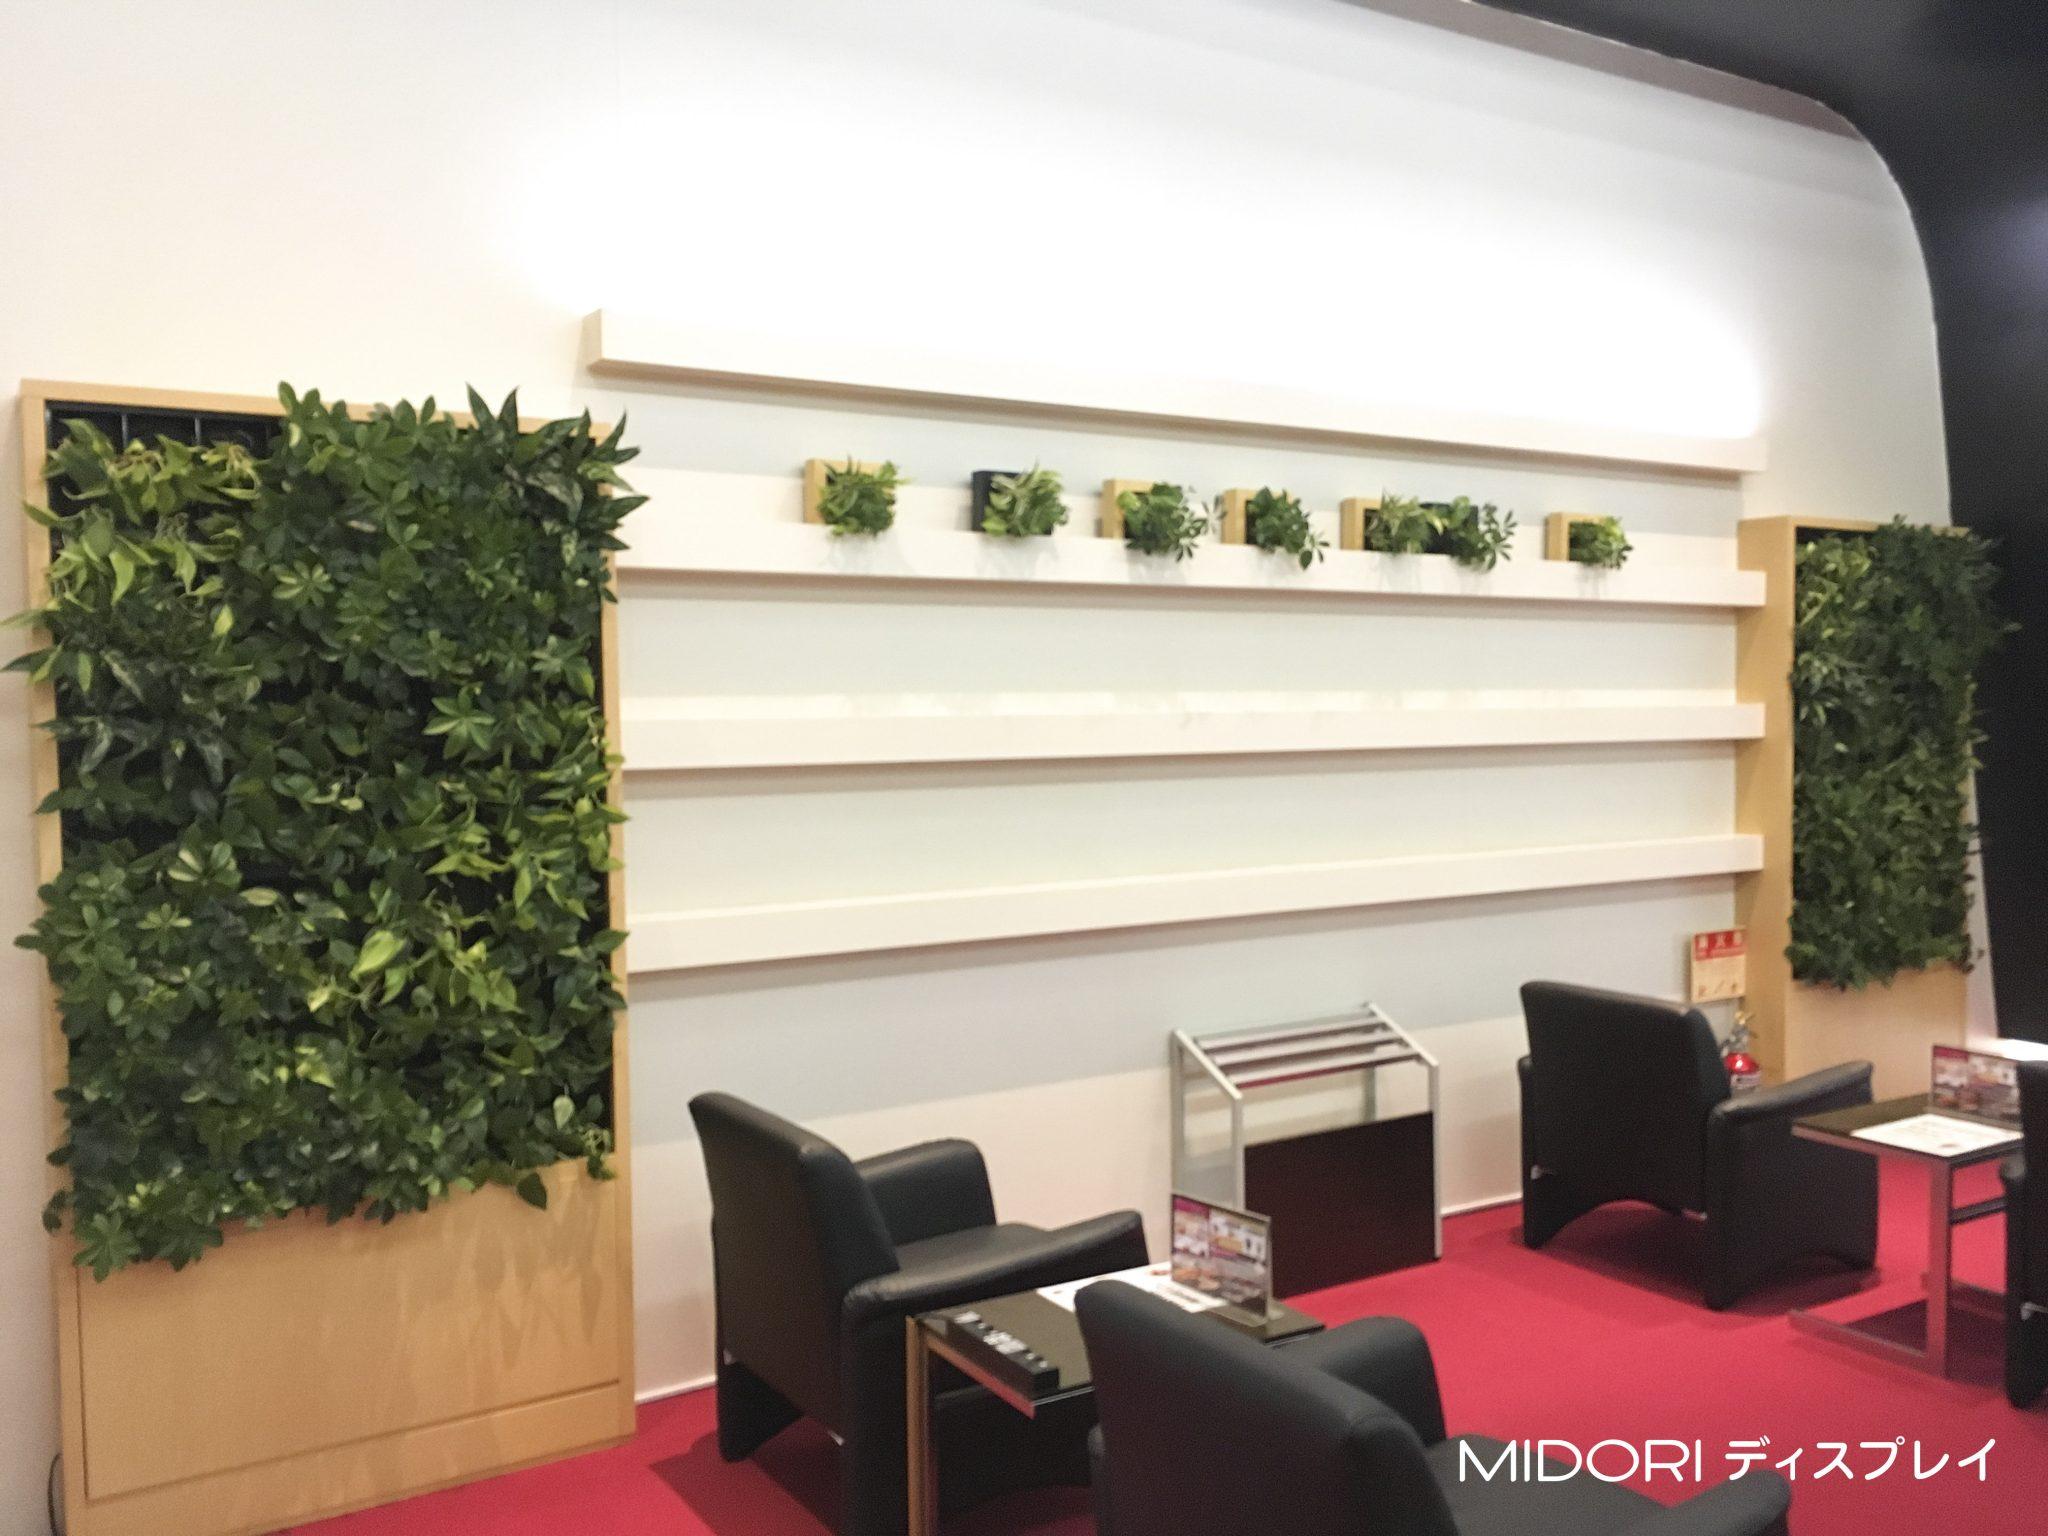 壁面緑化:施工事例を更新しております